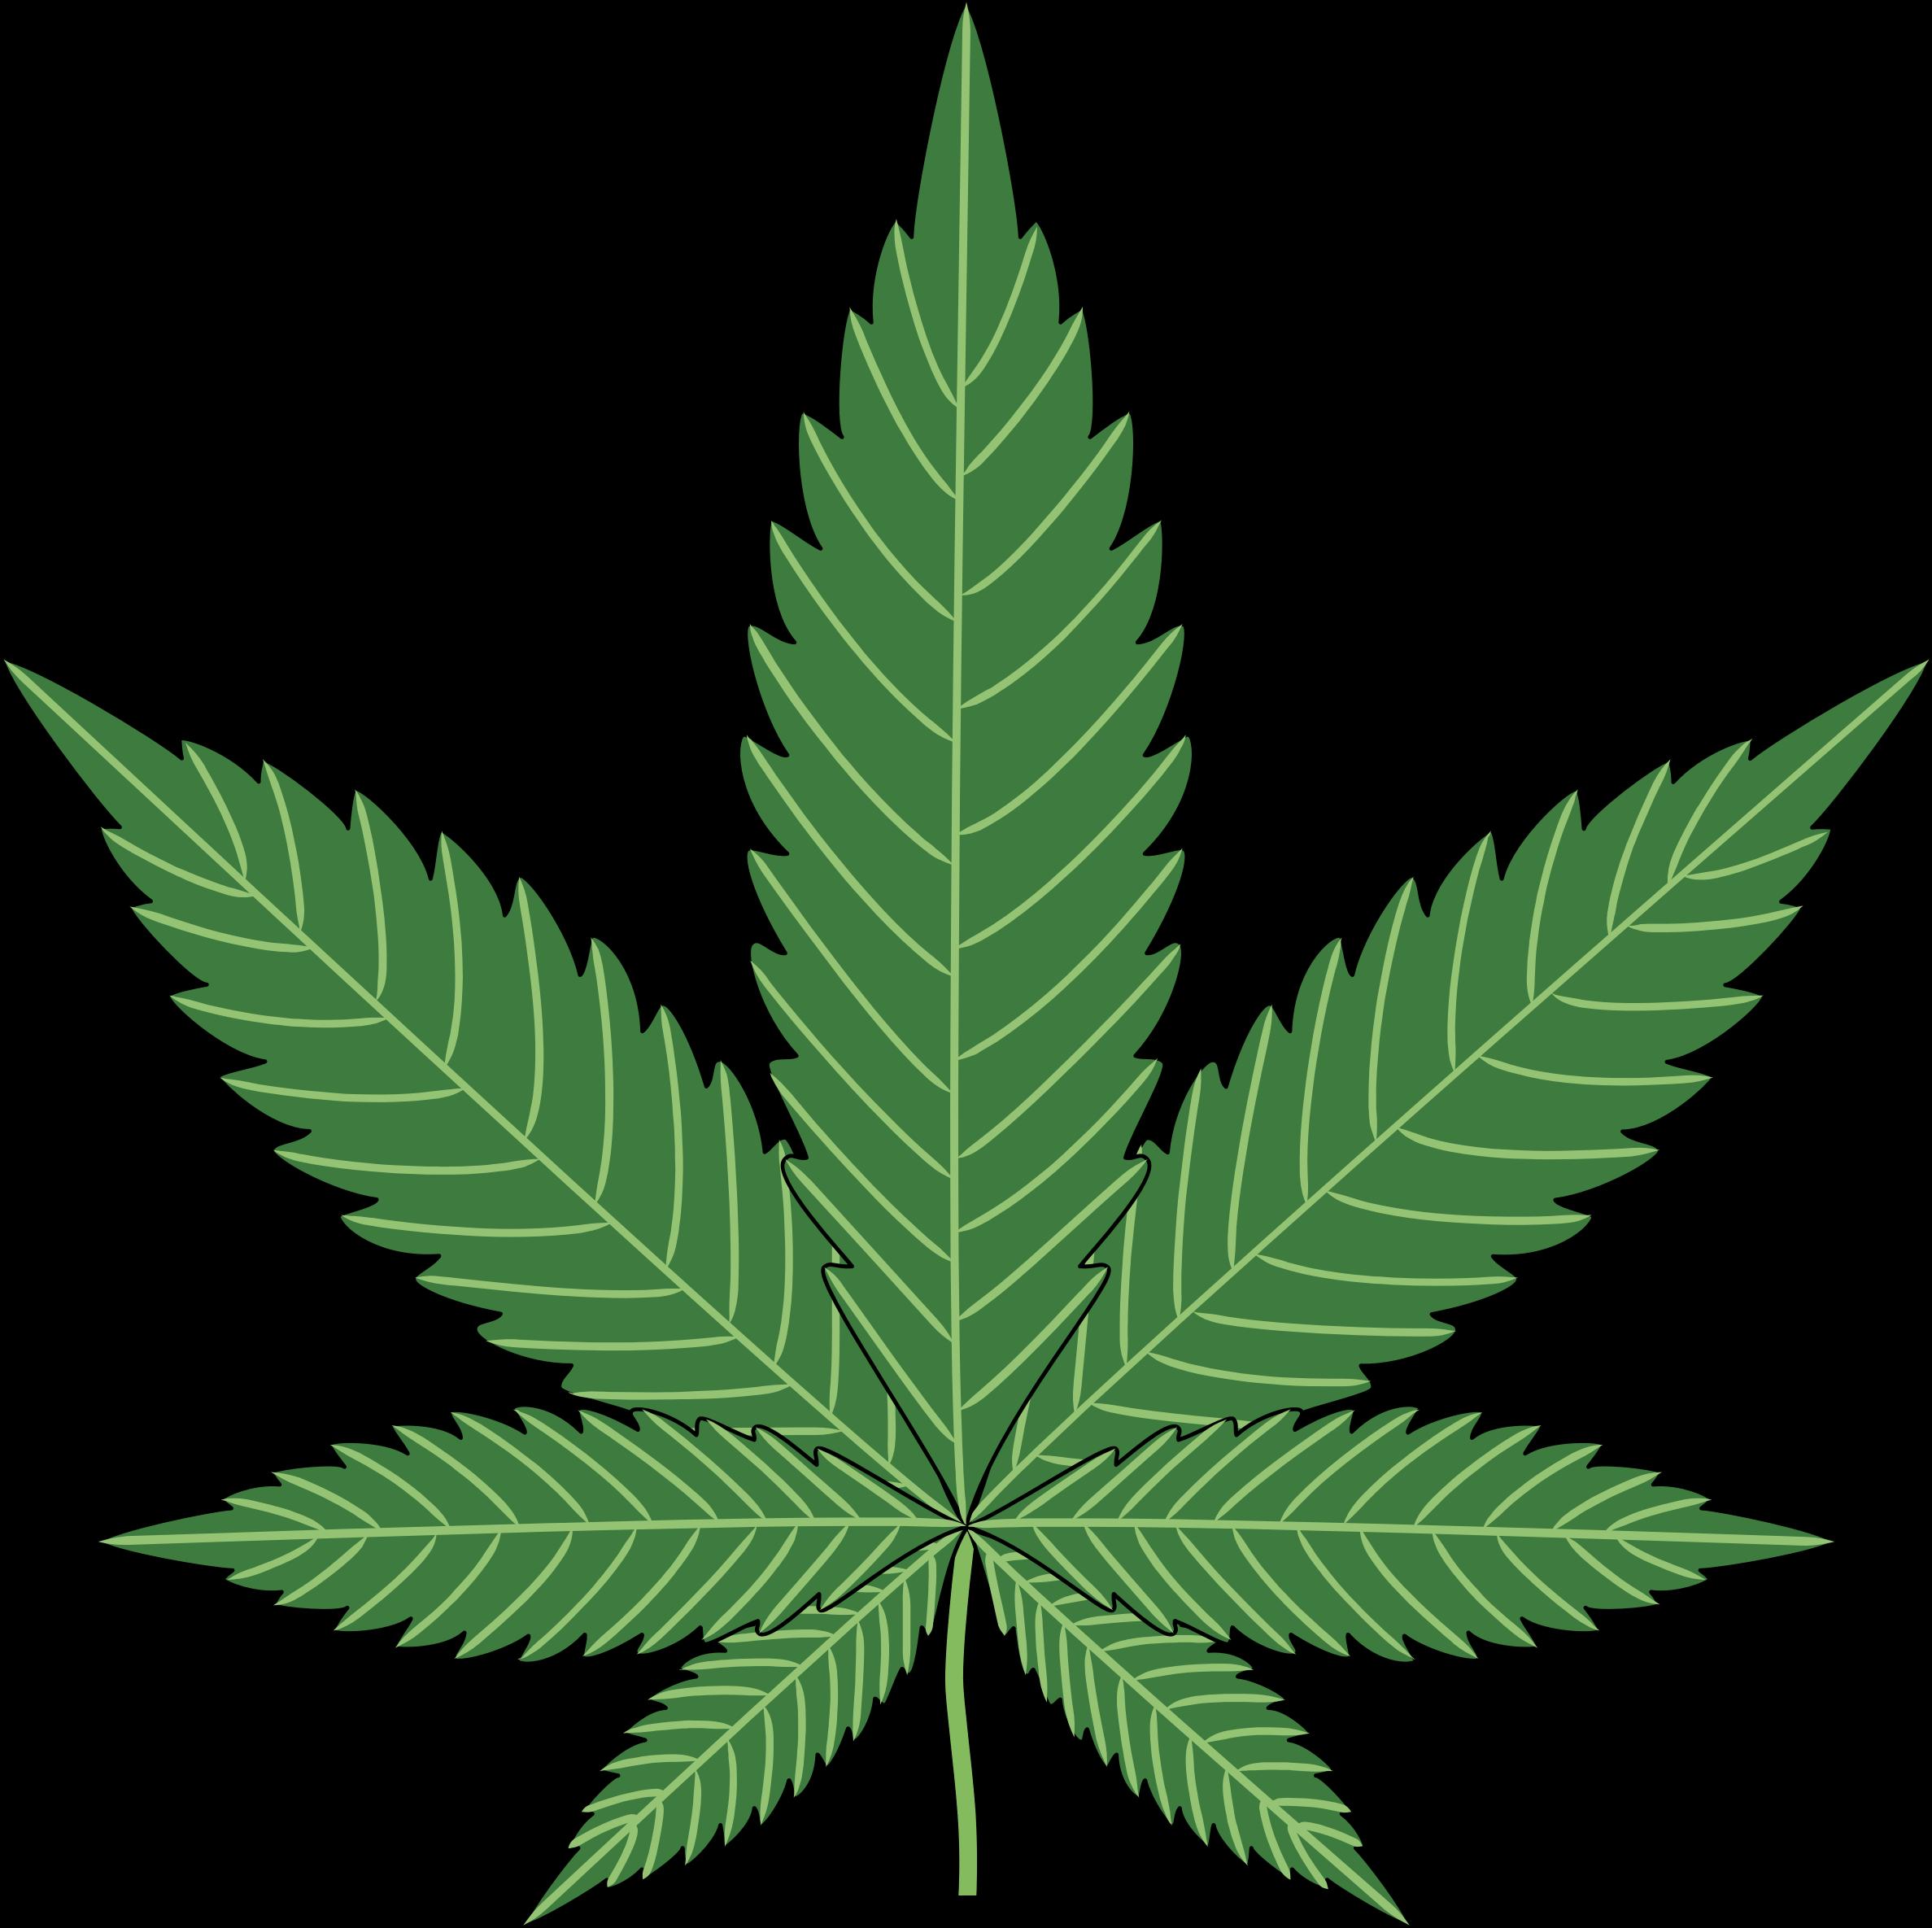 Cannabis flower clipart